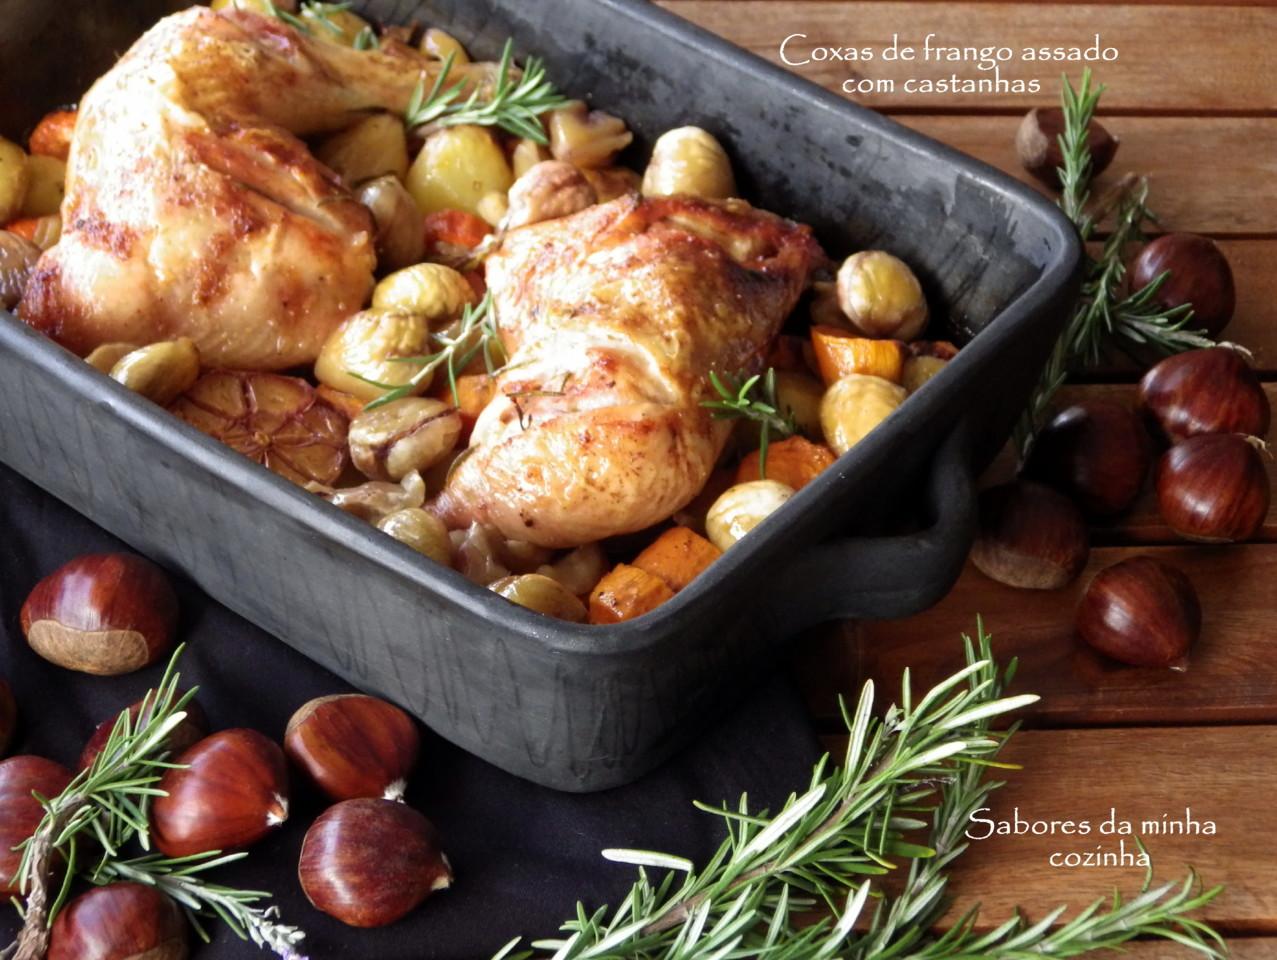 IMGP8265-Coxas de frango assado com castanhas-Blog